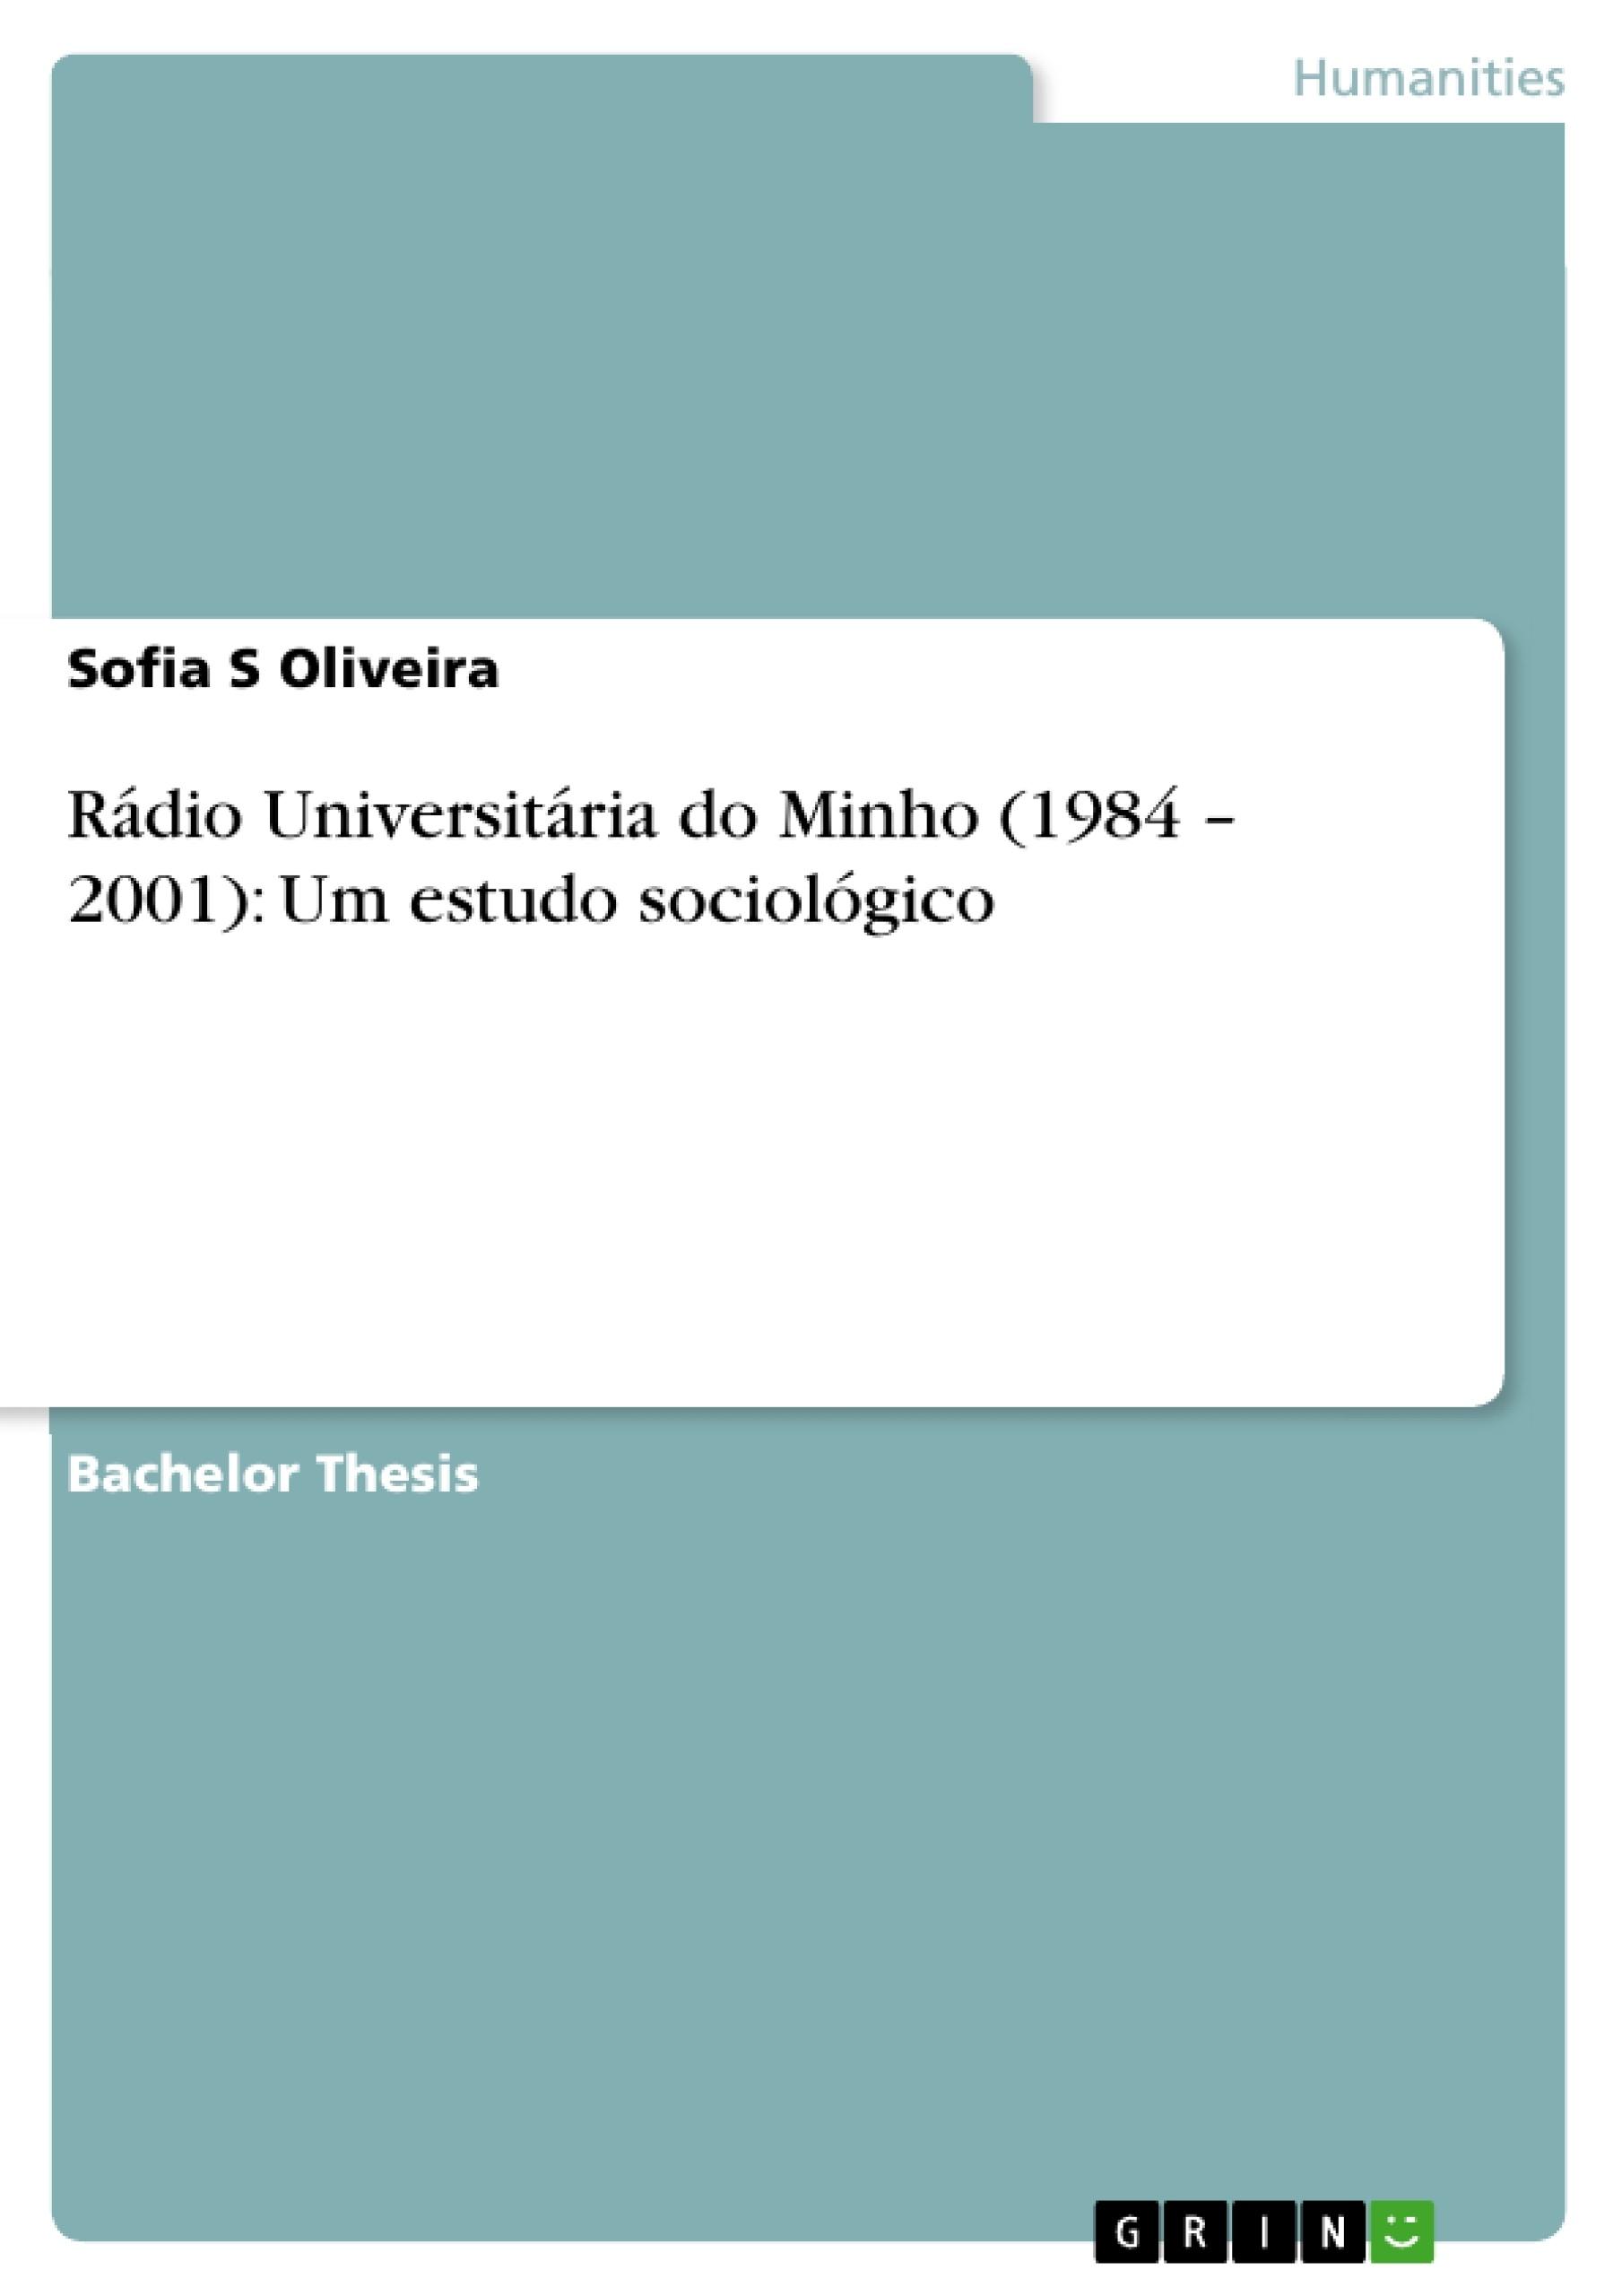 Title: Rádio Universitária do Minho (1984 – 2001): Um estudo sociológico